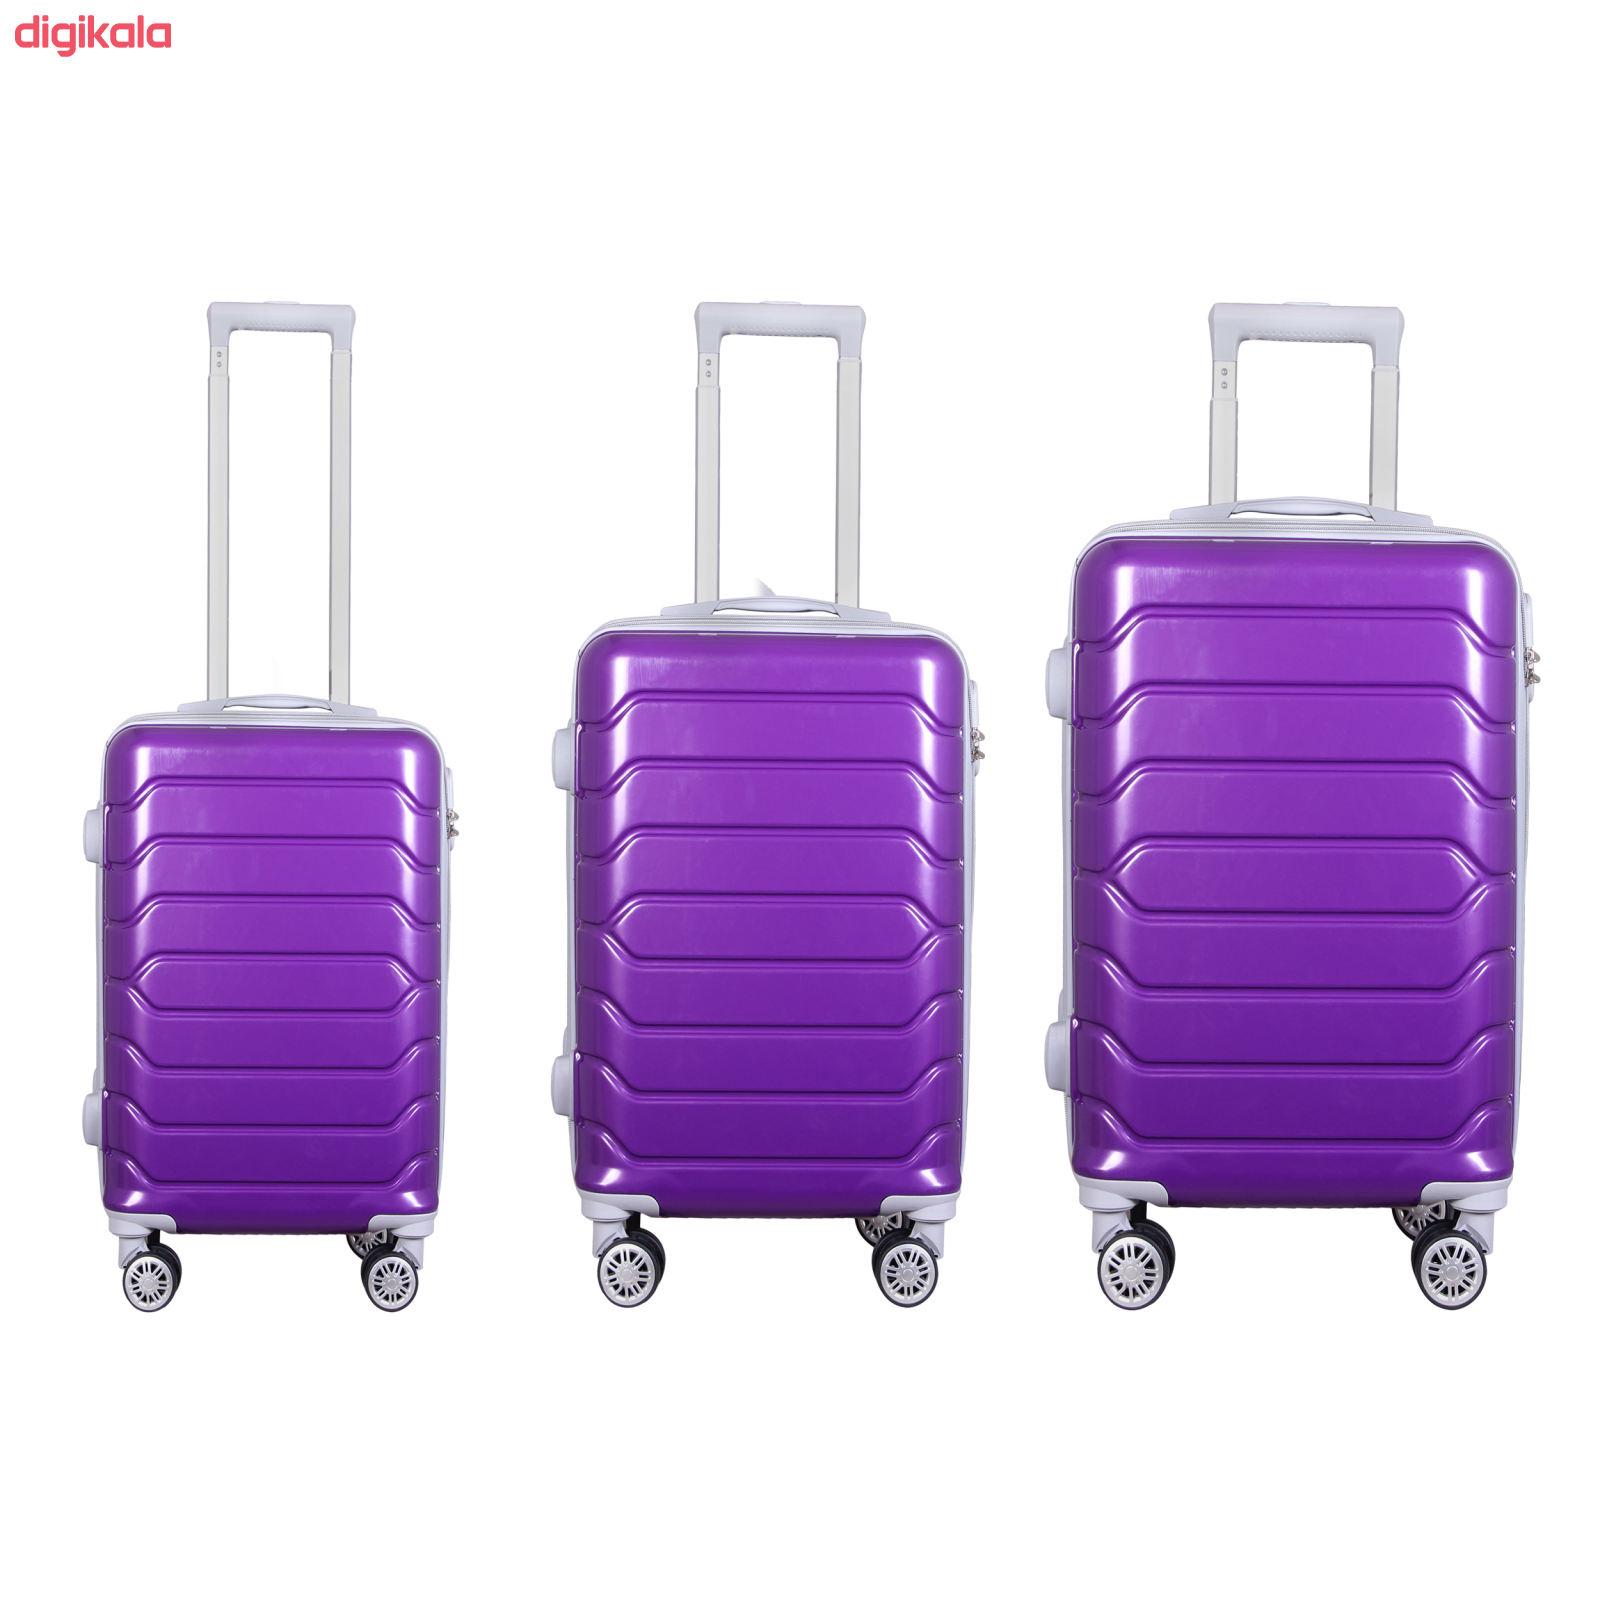 مجموعه سه عددی چمدان مدل 20020 main 1 11